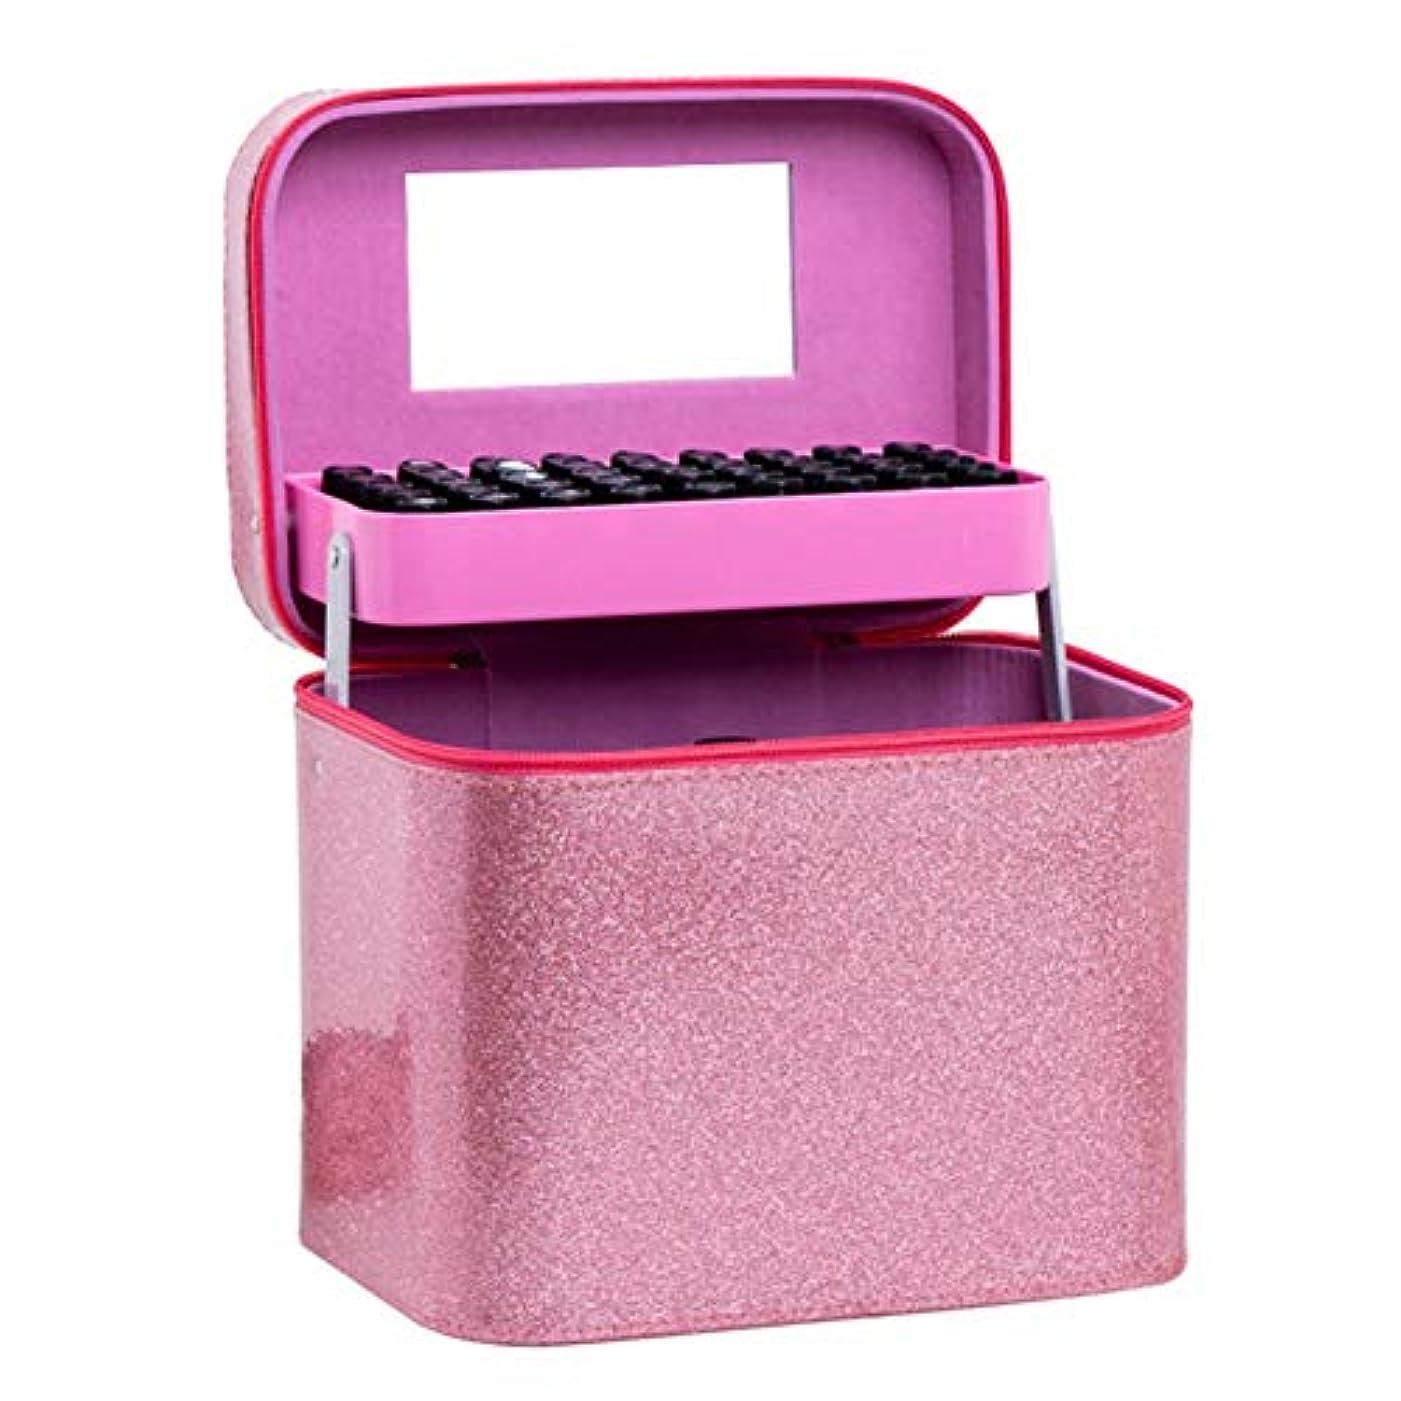 相対的突っ込む一時的エッセンシャルオイル収納ケース,アロマオイル収納ボックス ハンドル付き耐震 香水収納ポーチ 化粧ポーチ 携帯便利 60本用